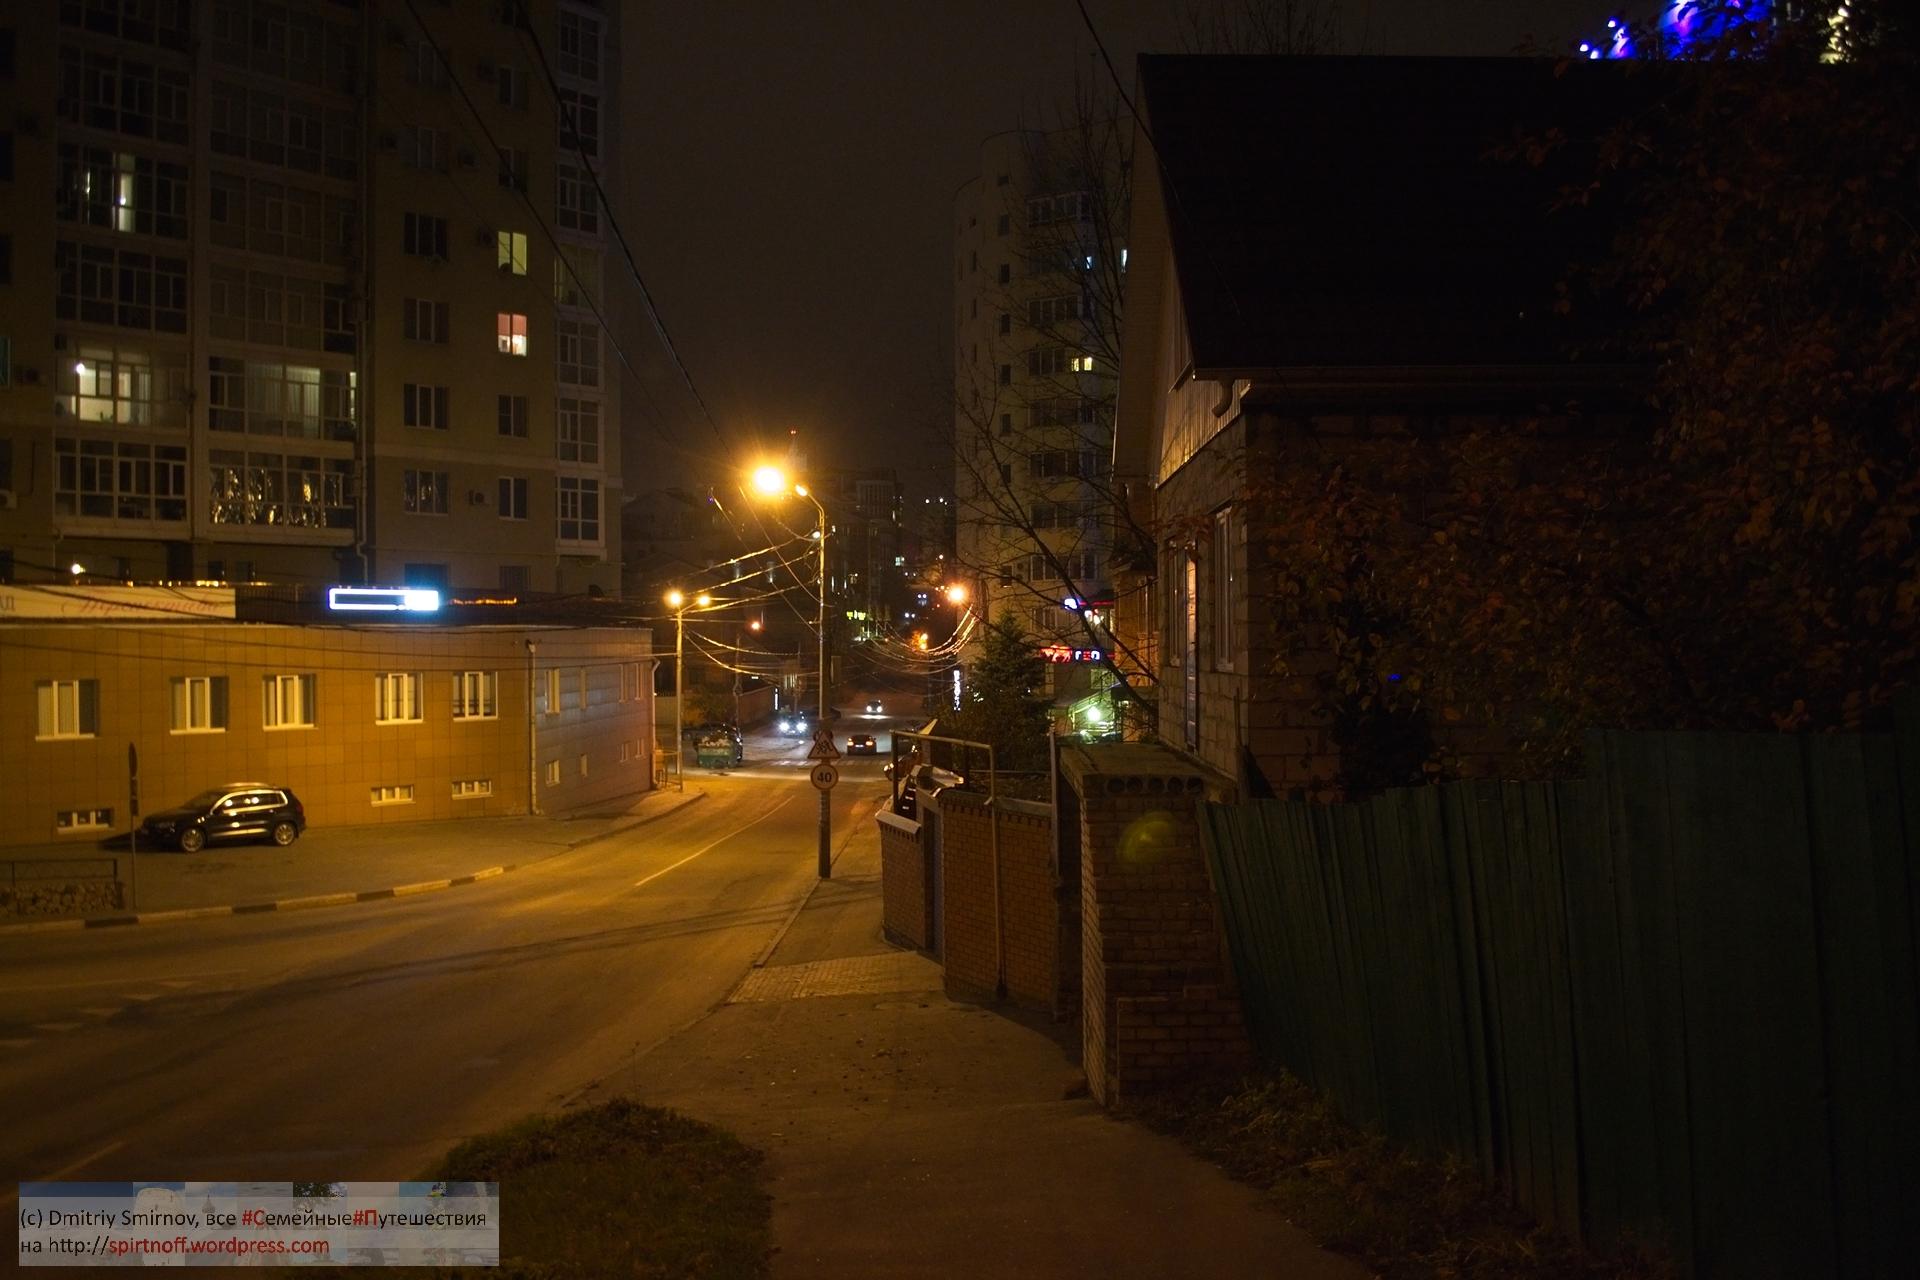 DSC_8847-169-Blog-55 Путешествия  Воронеж. Портал в соседнее измерение